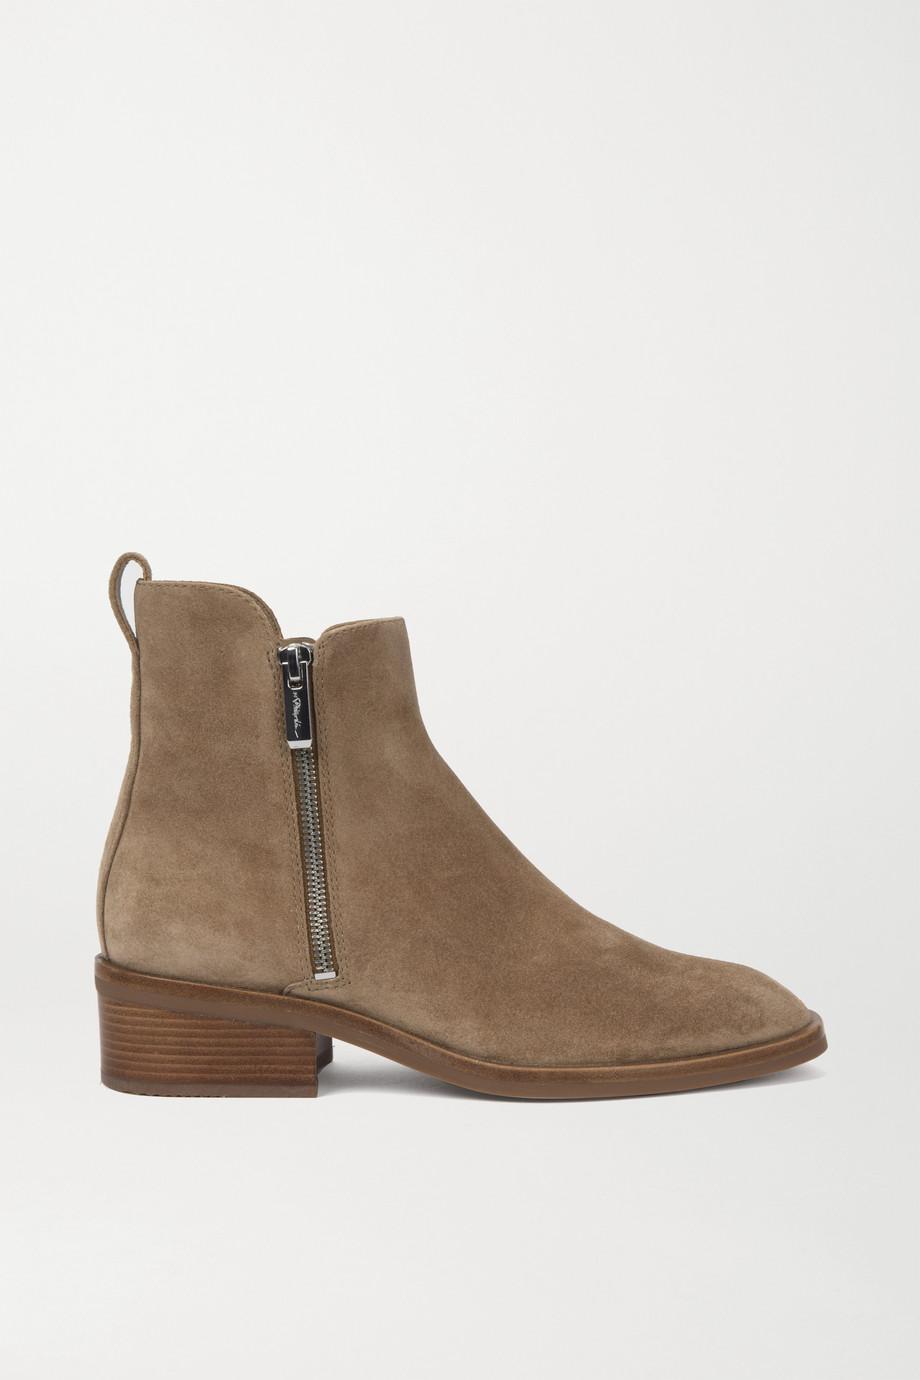 3.1 Phillip Lim Alexa 绒面革踝靴